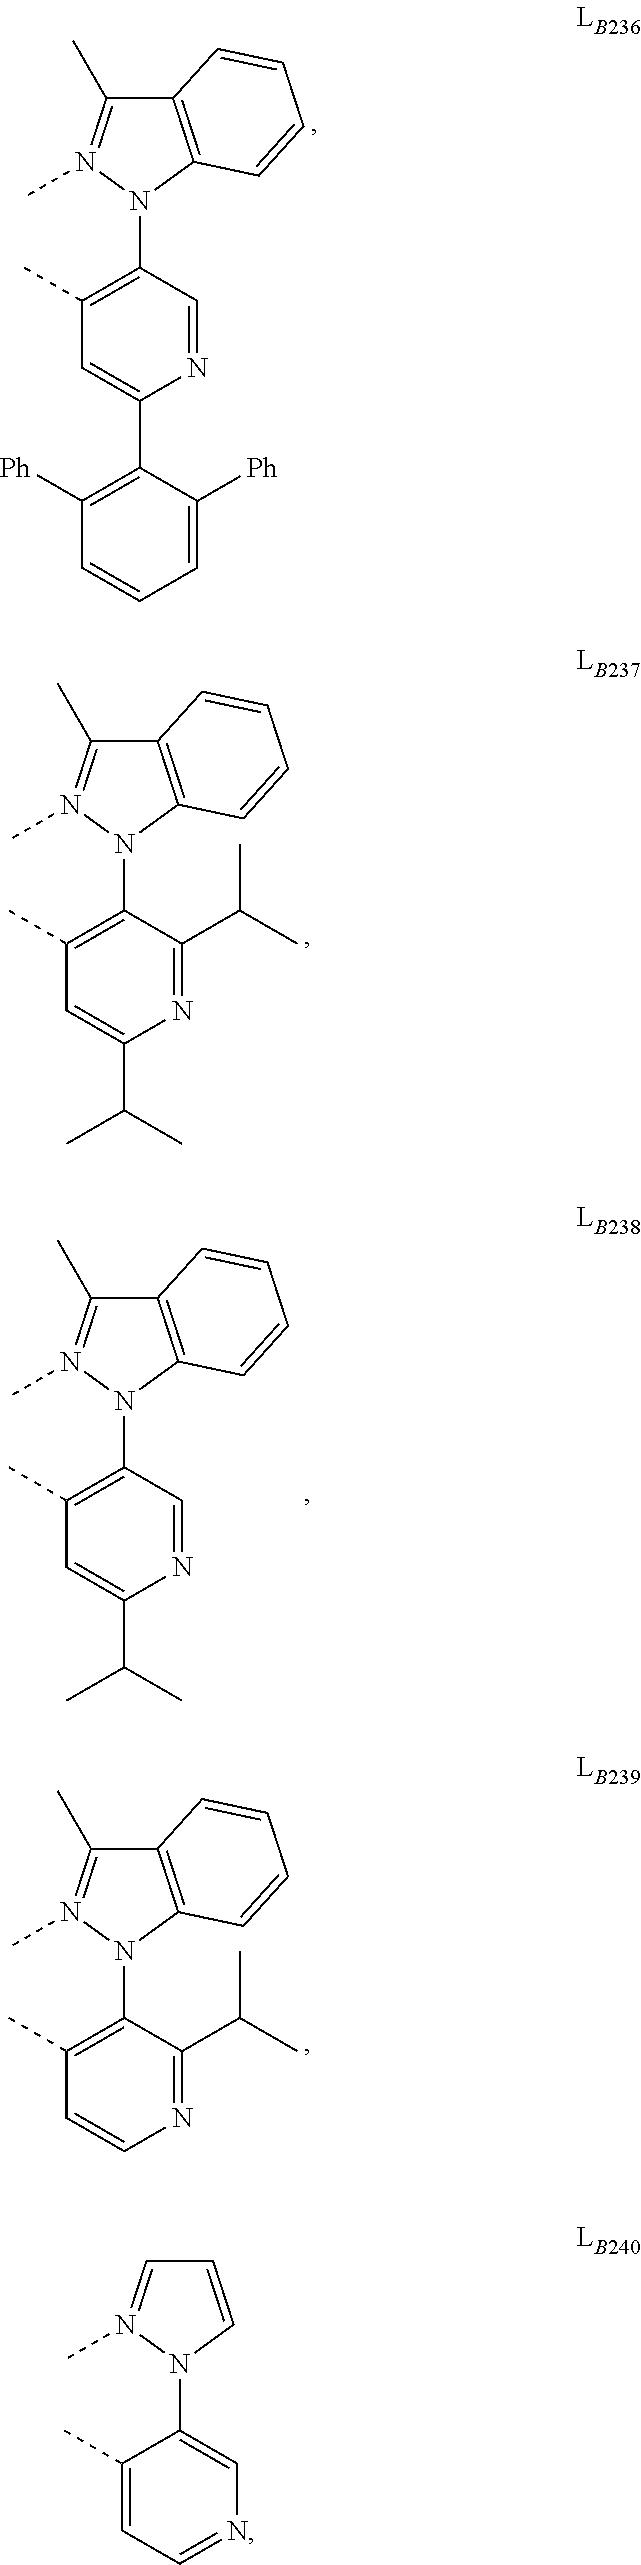 Figure US09905785-20180227-C00550